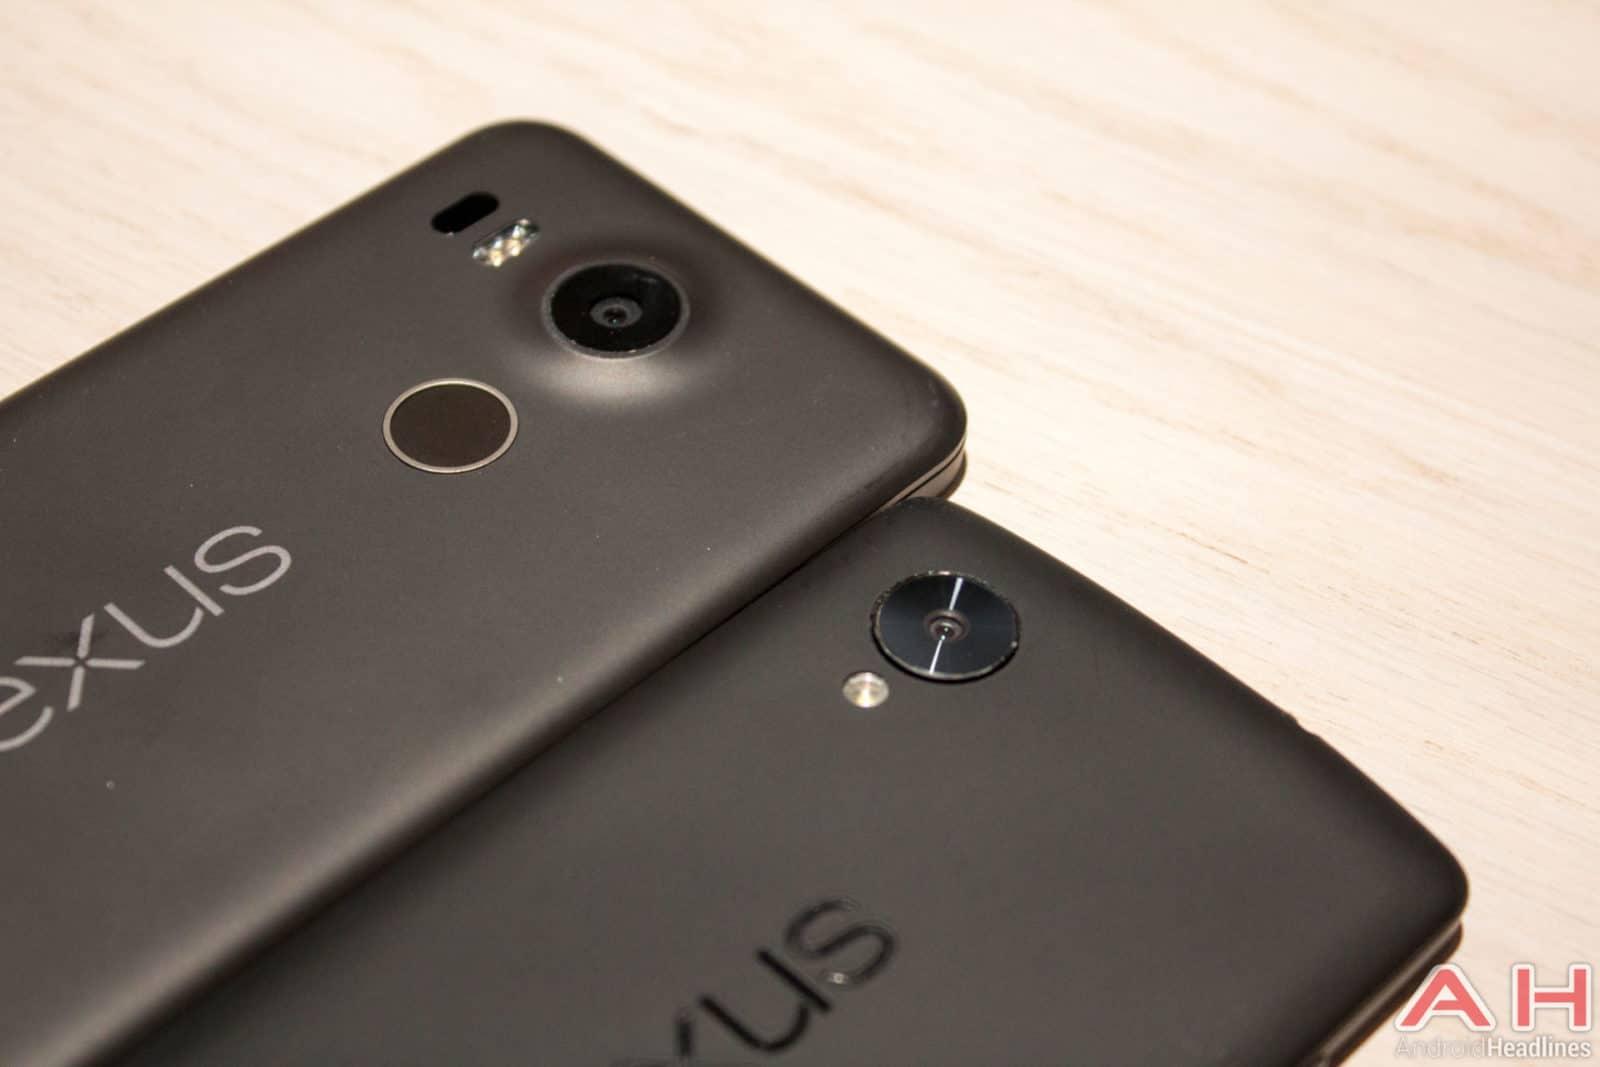 Nexus 5 vs Nexus 5X AH 2